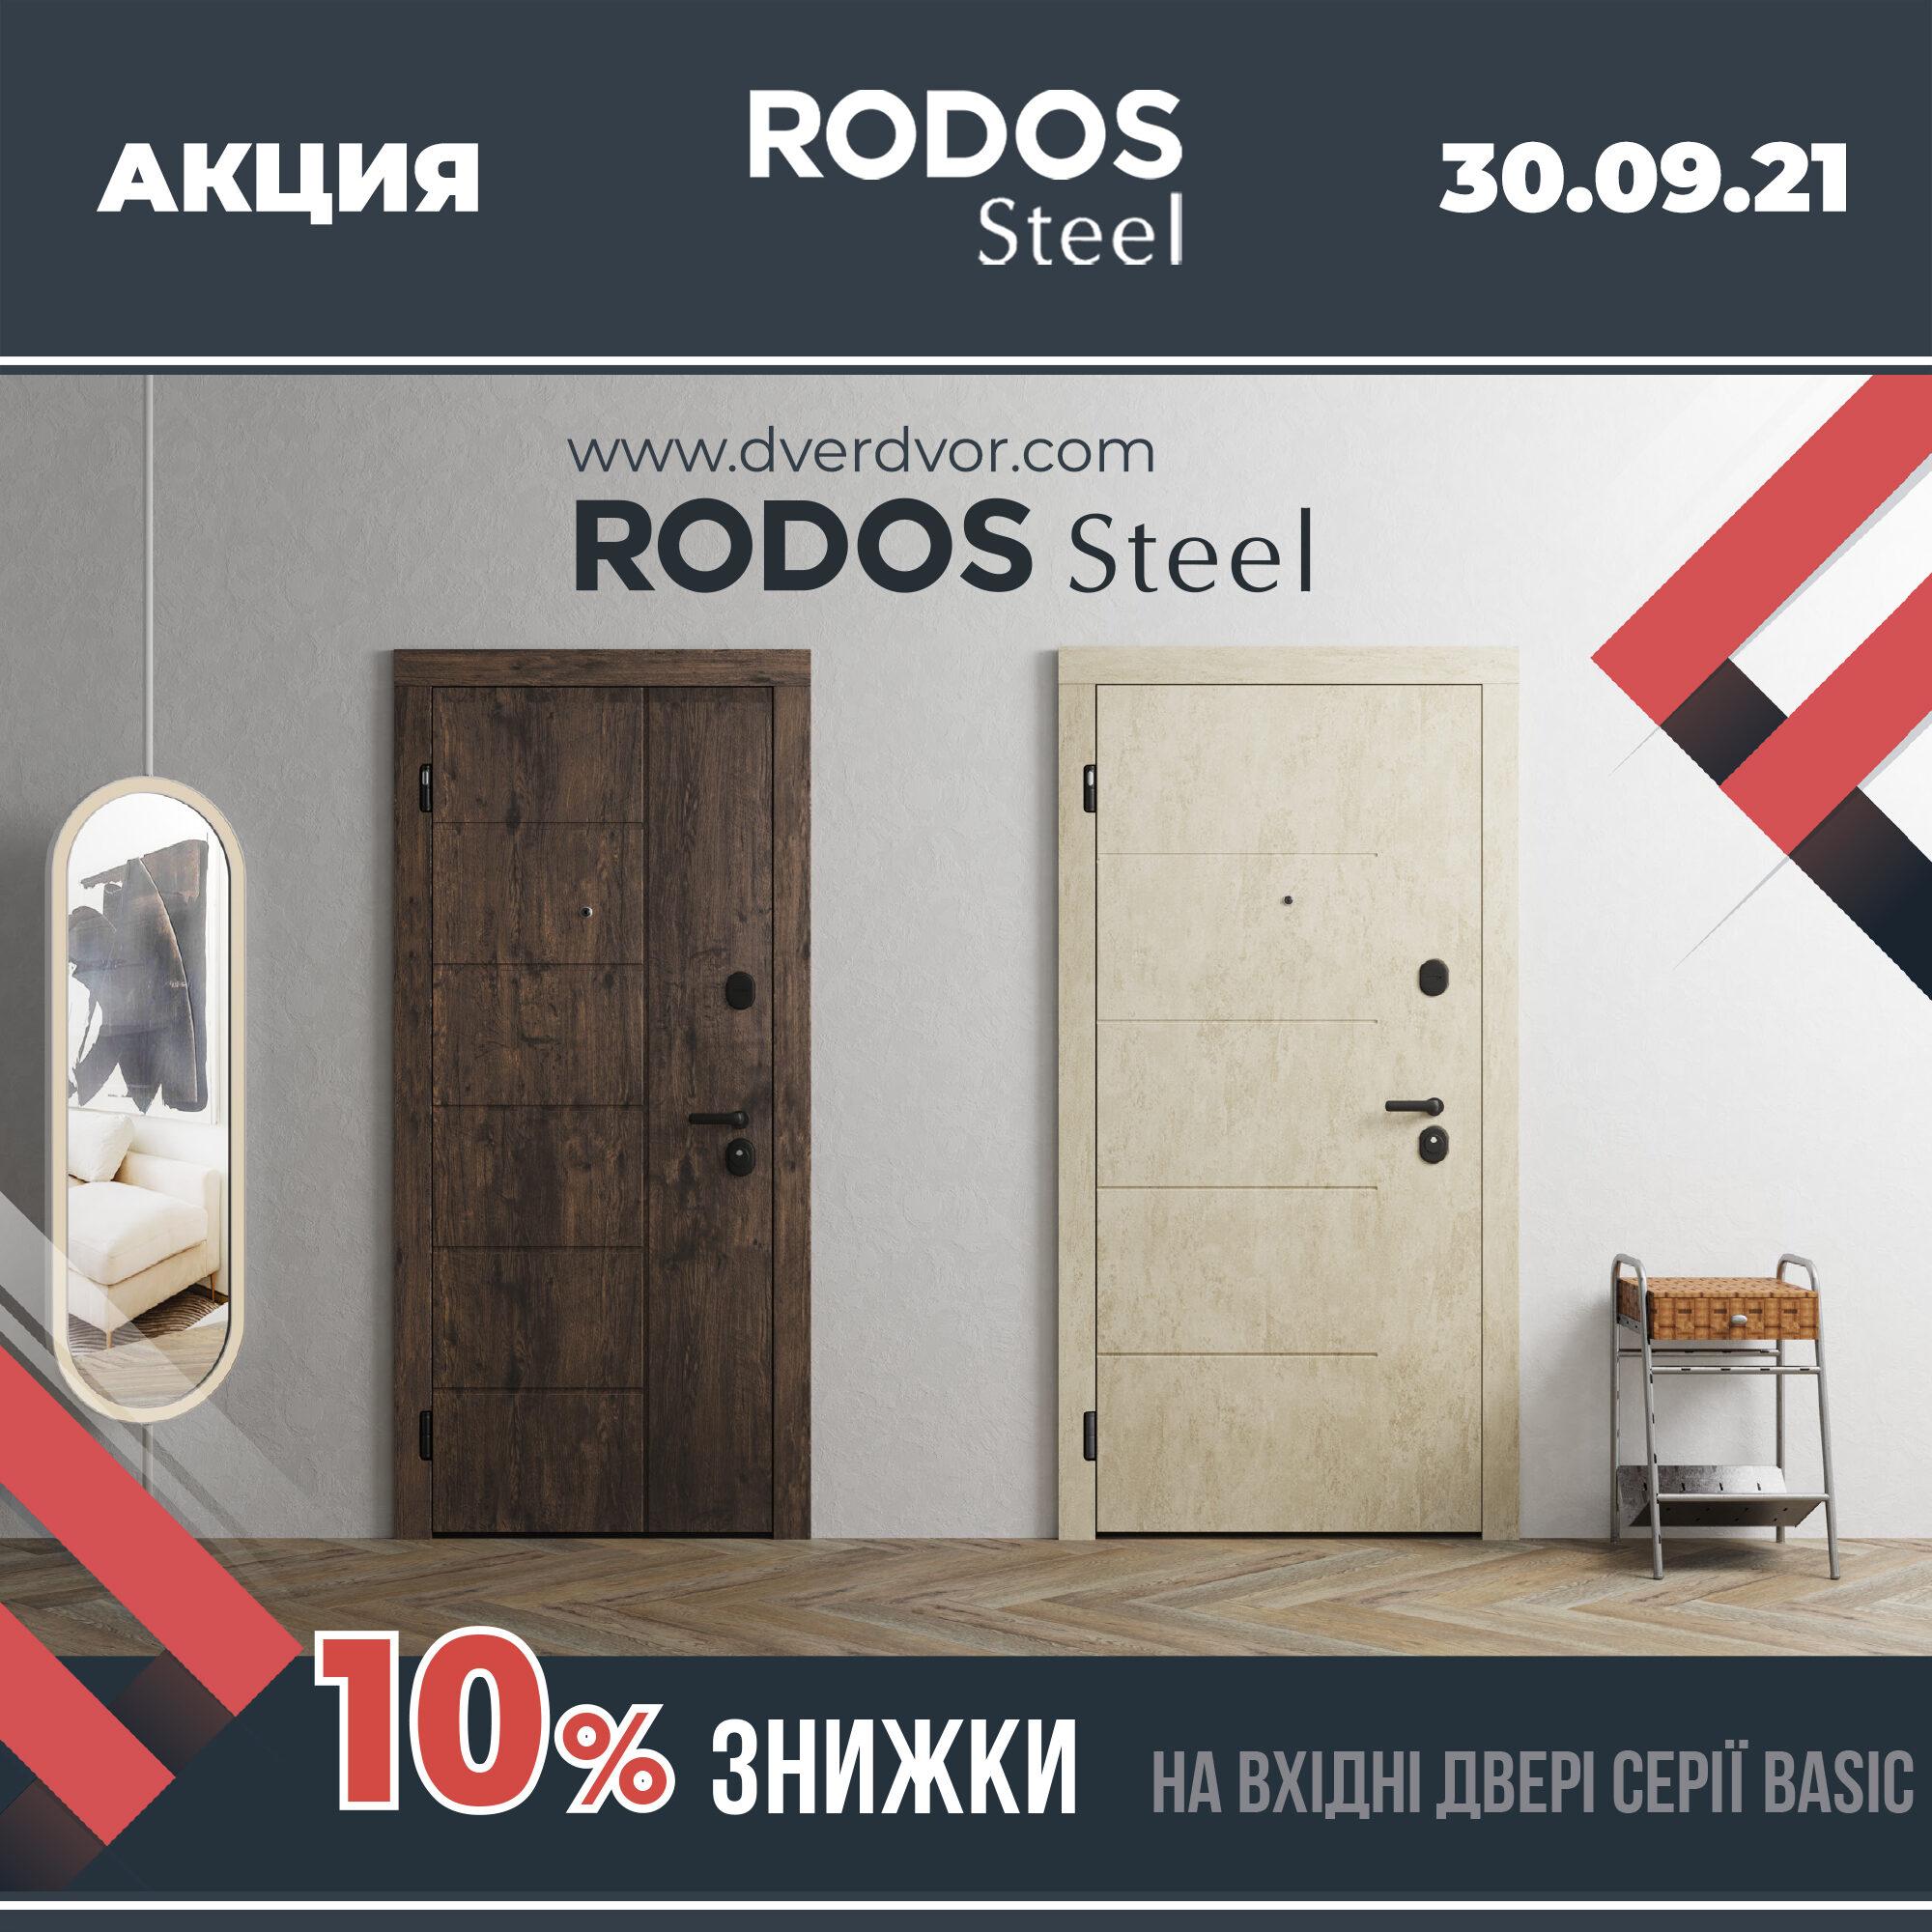 30.09.2021 Rodos Steel